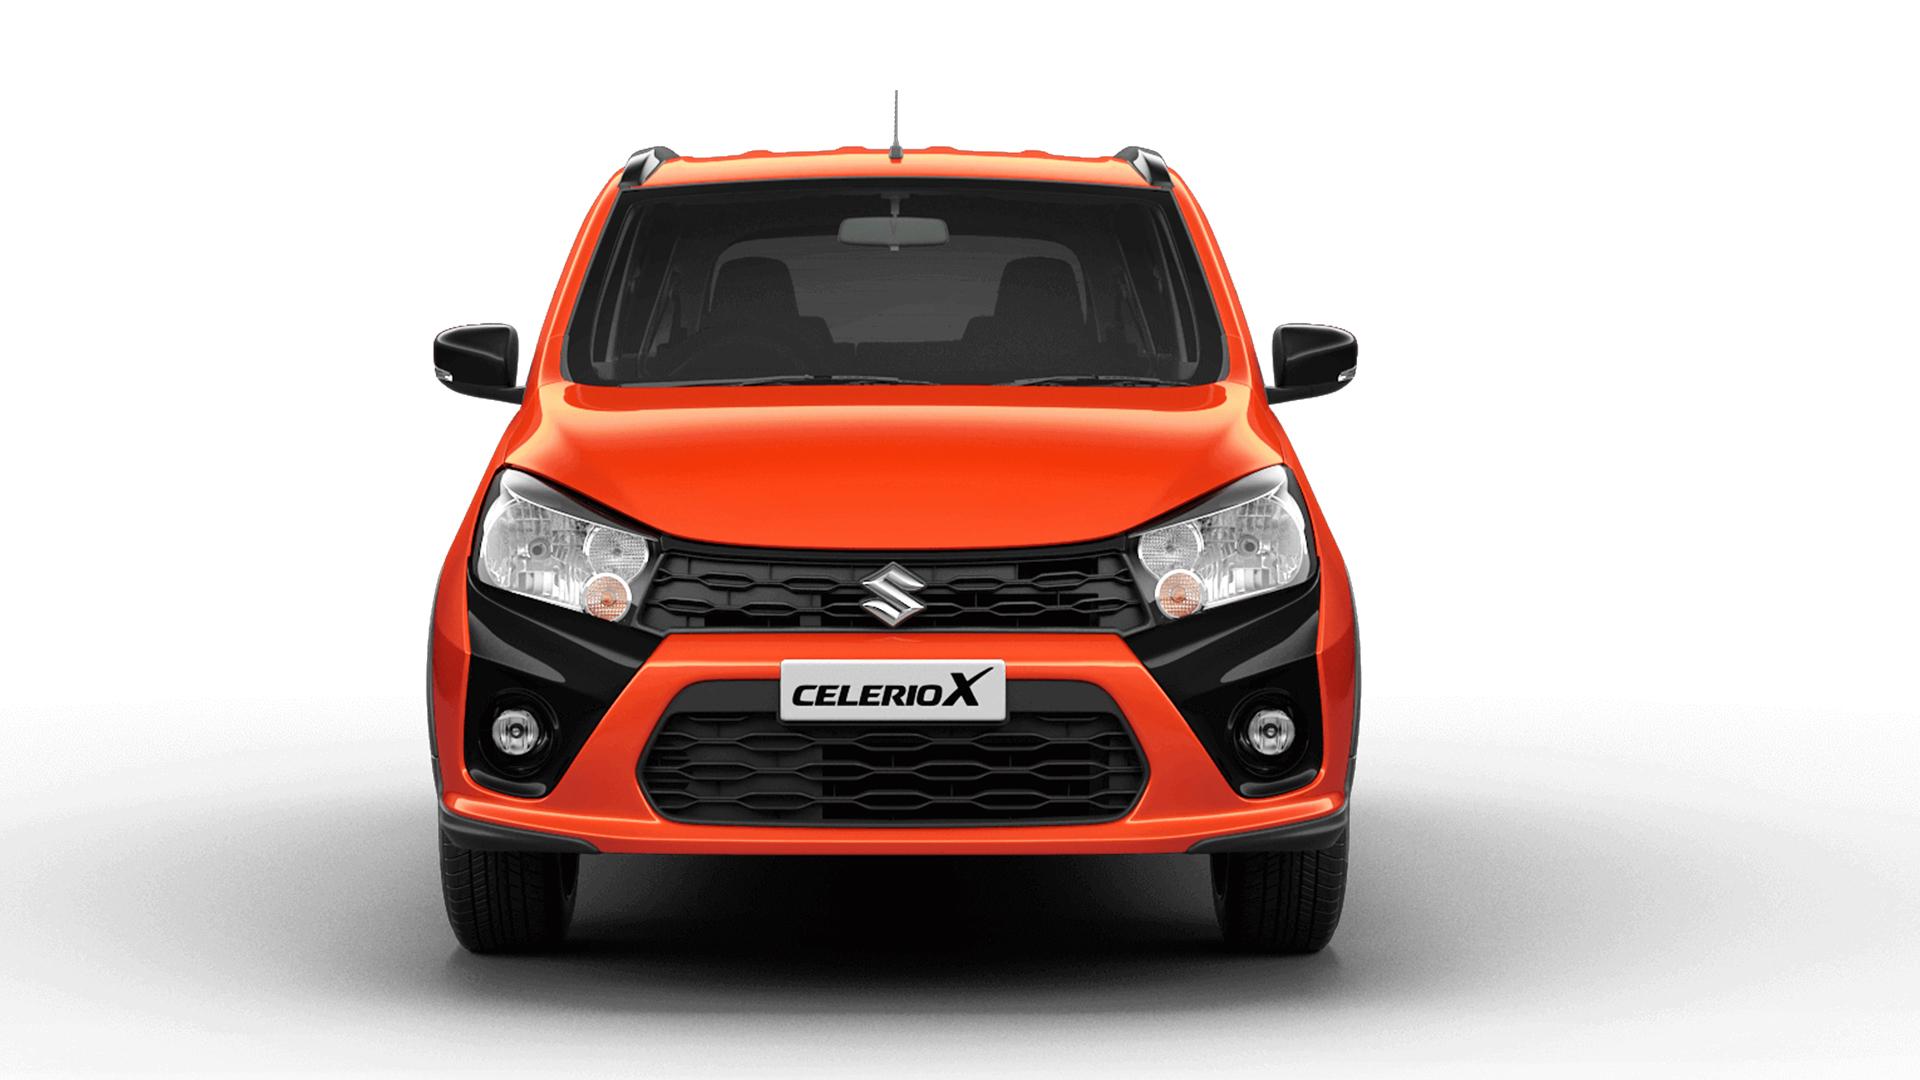 Maruti Suzuki Celerio X 2018 Price Mileage Reviews